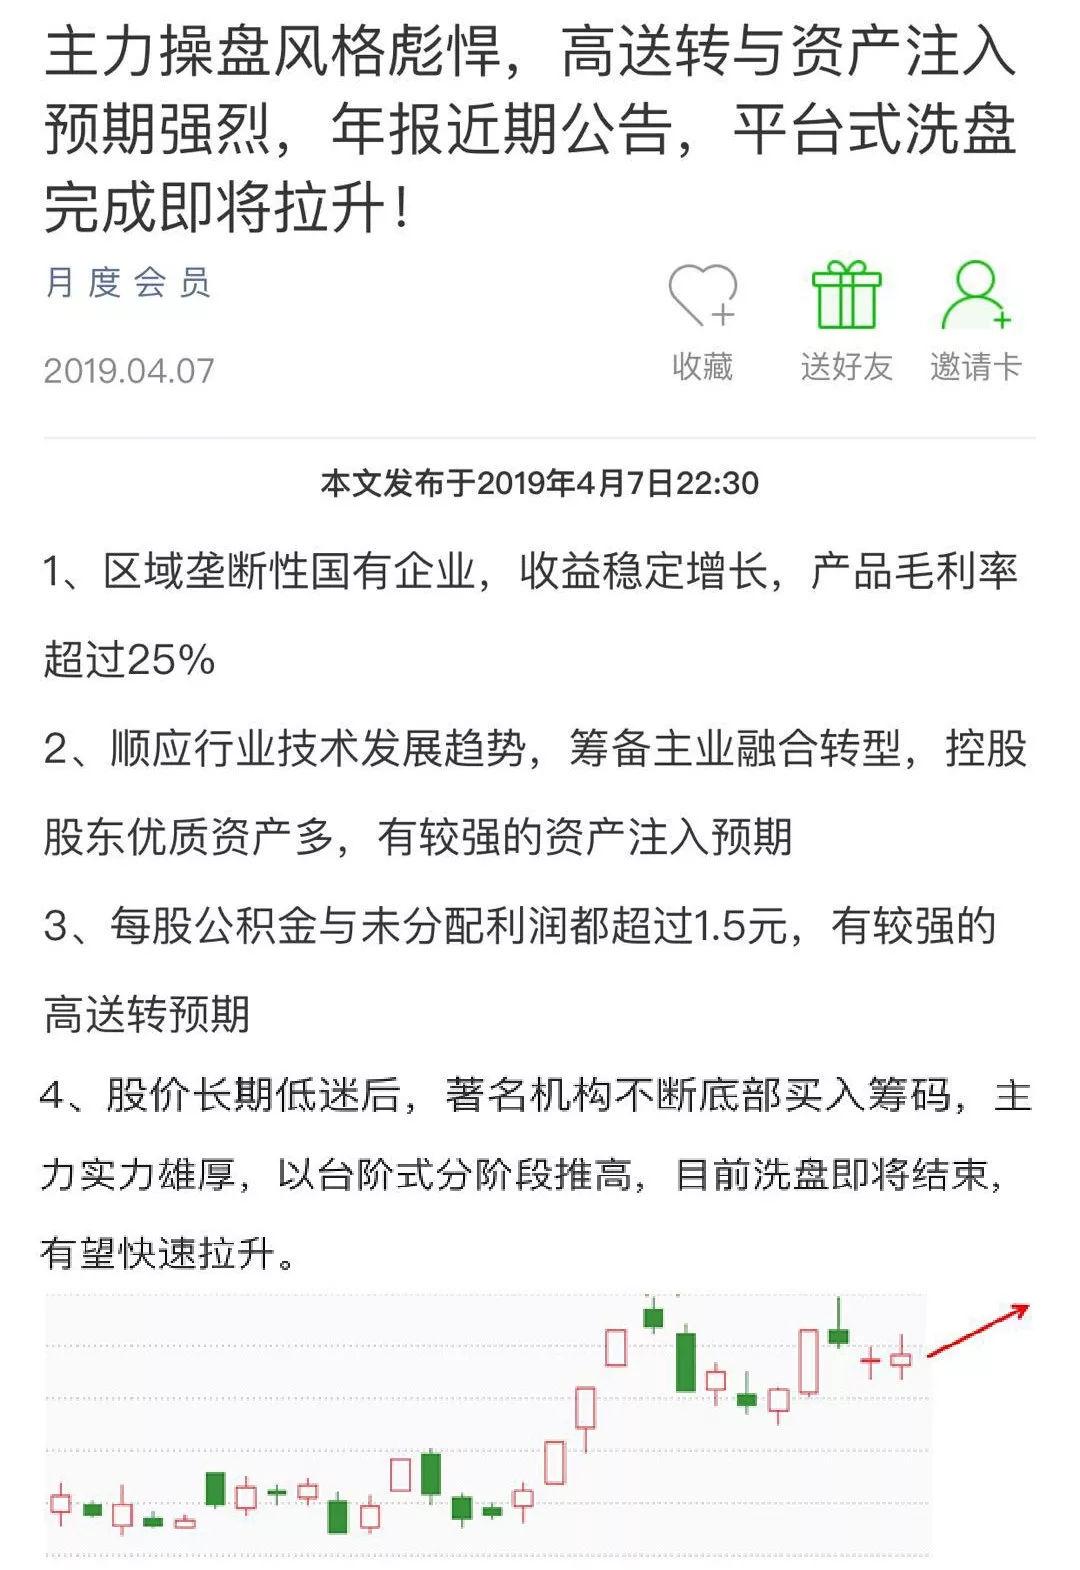 官媒股新华网、人民网、中视传媒涨幅不错,挺住